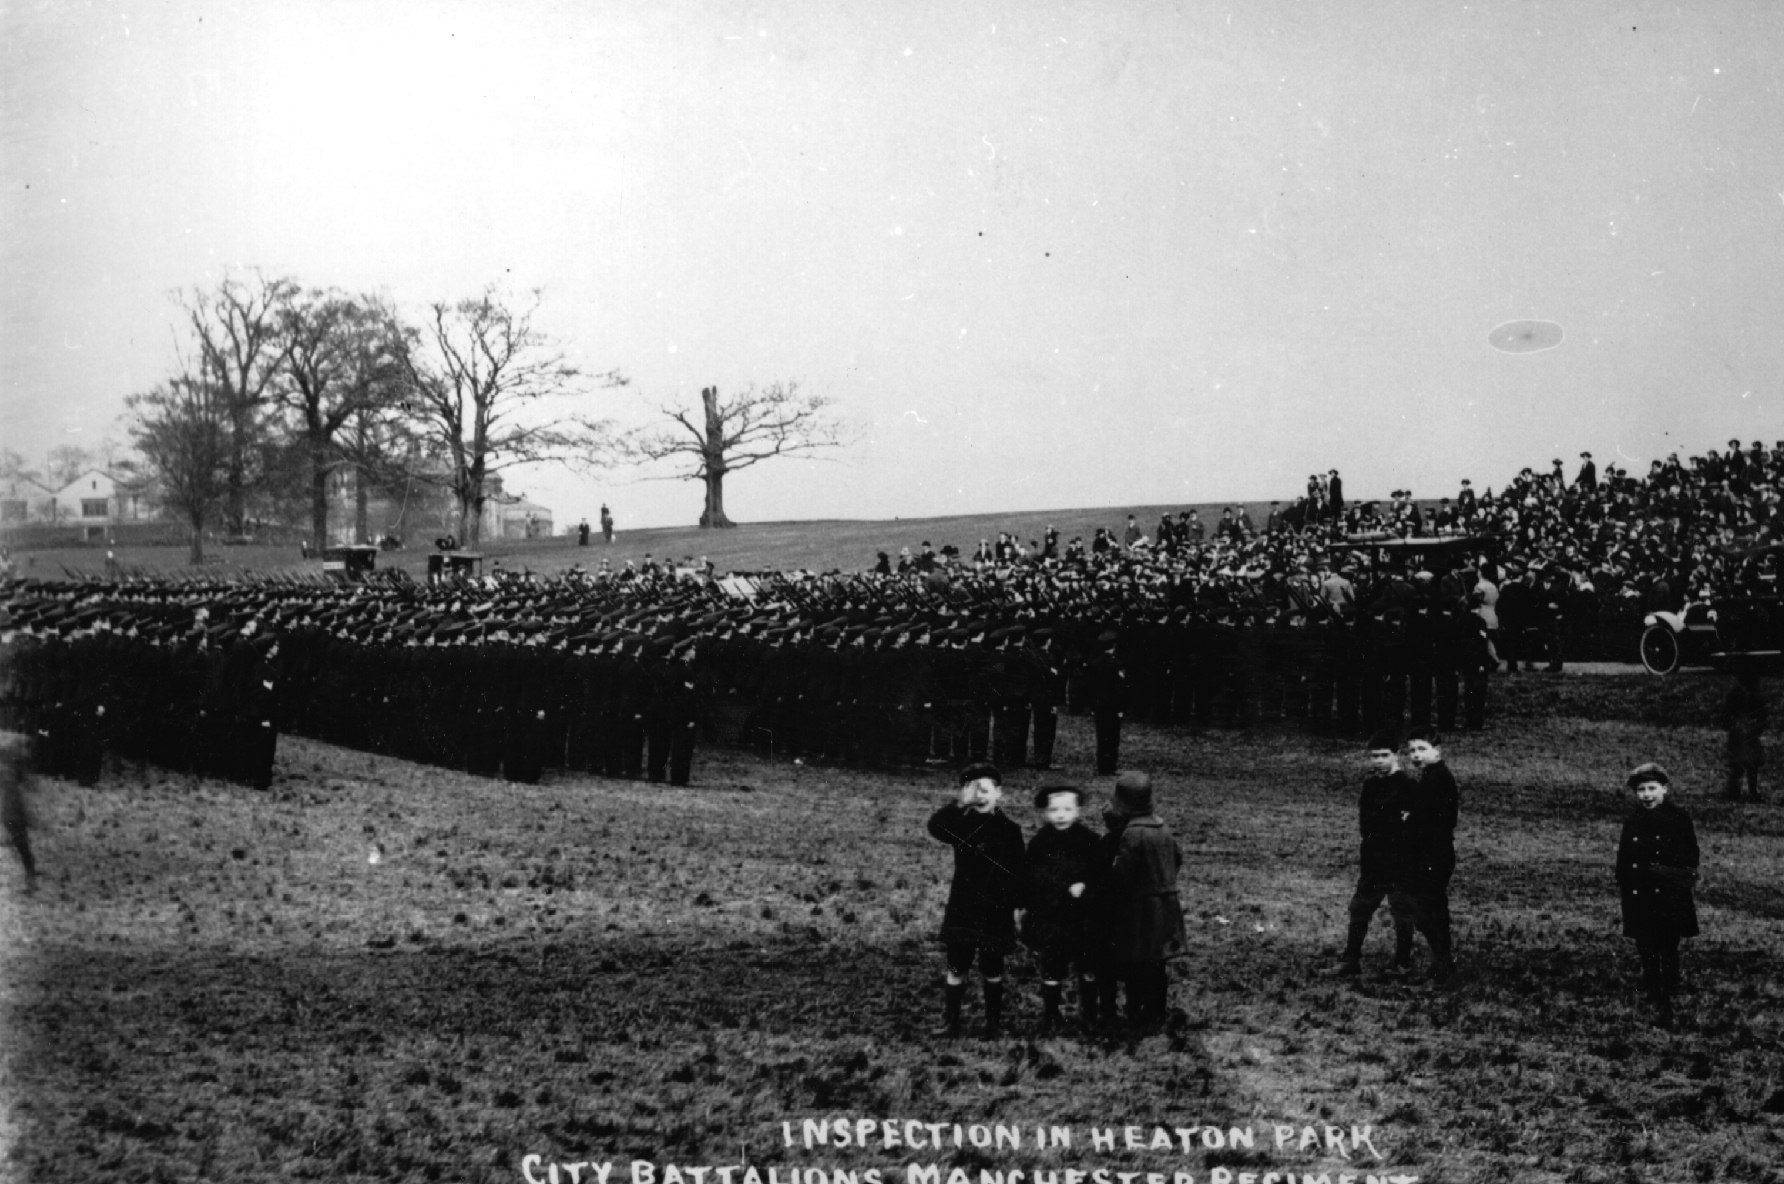 Heaton Park_Inspection City Battalions_Archive Plus